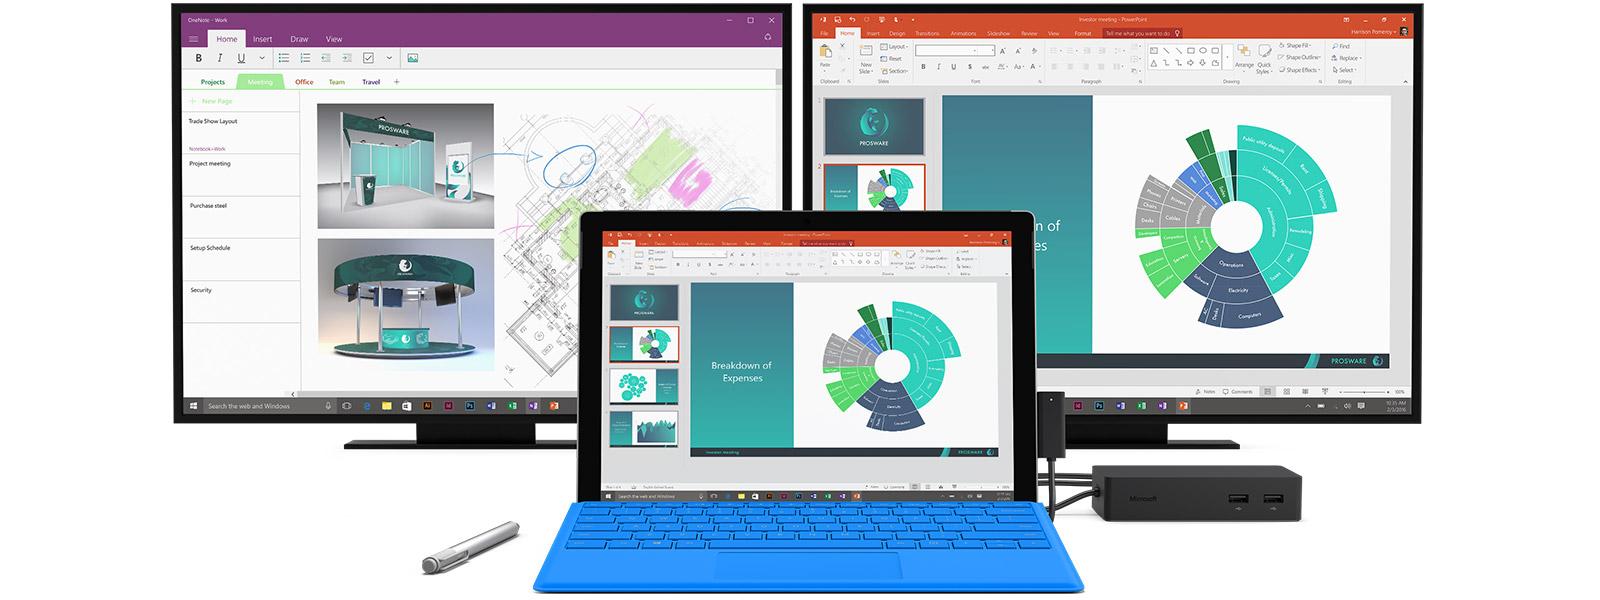 2 台一般桌上型監視器、Surface Pro 4、Surface 手寫筆和 Surface 基座